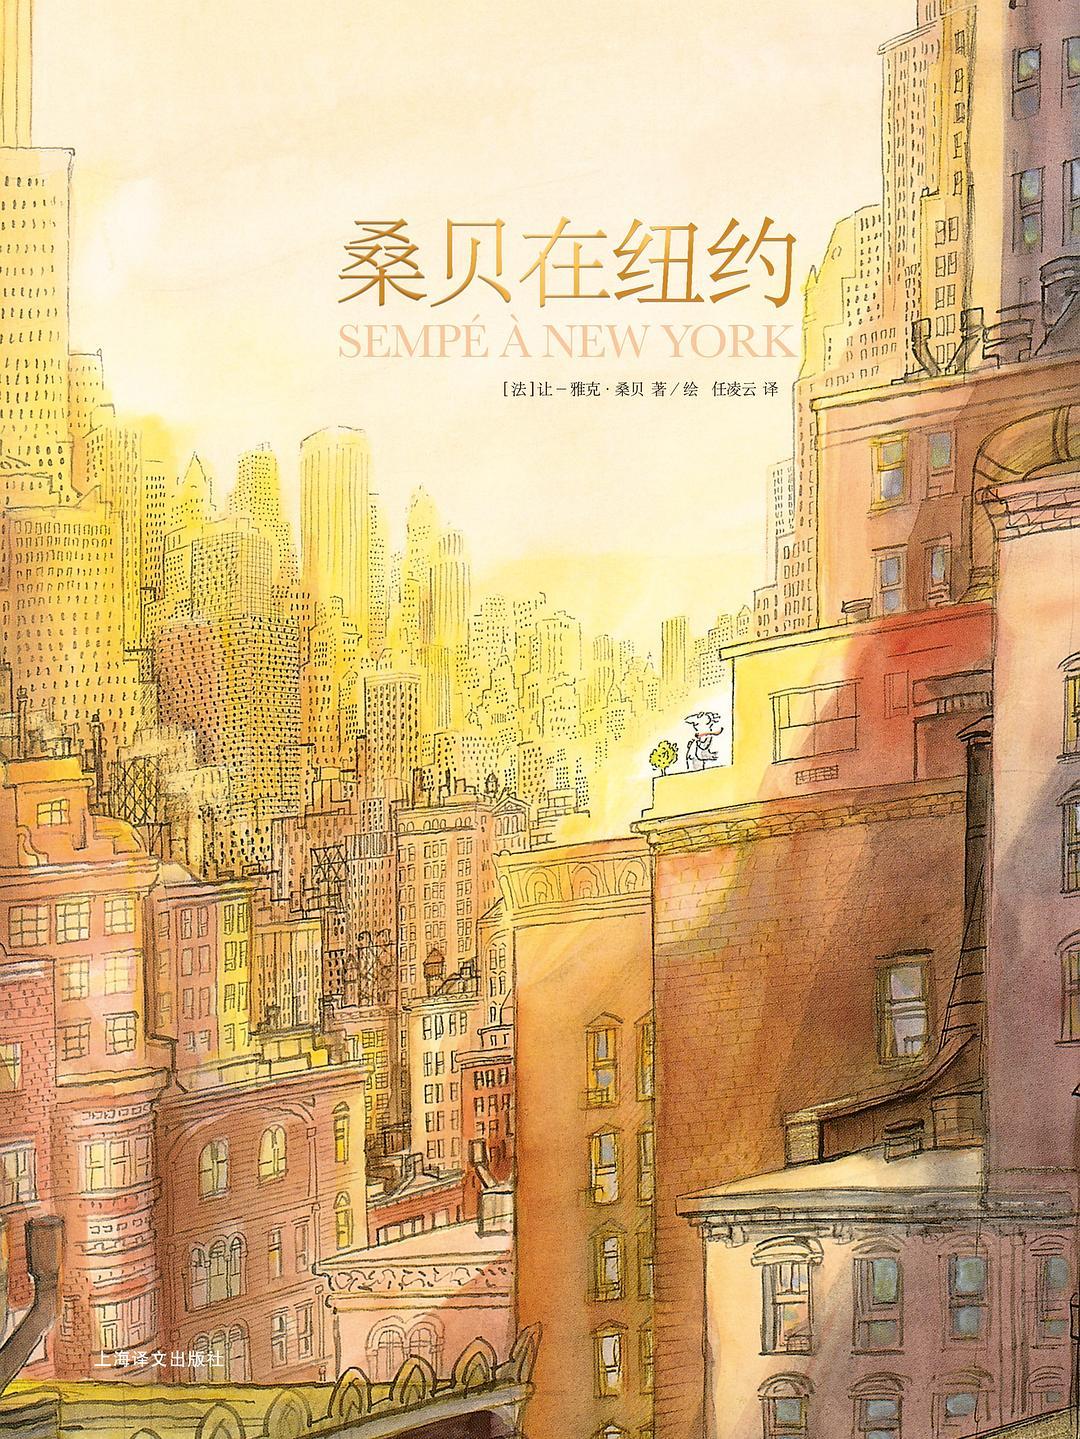 《桑贝在纽约》[法]让-雅克·桑贝 绘,任凌云 译,2019年5月,上海译文出版社